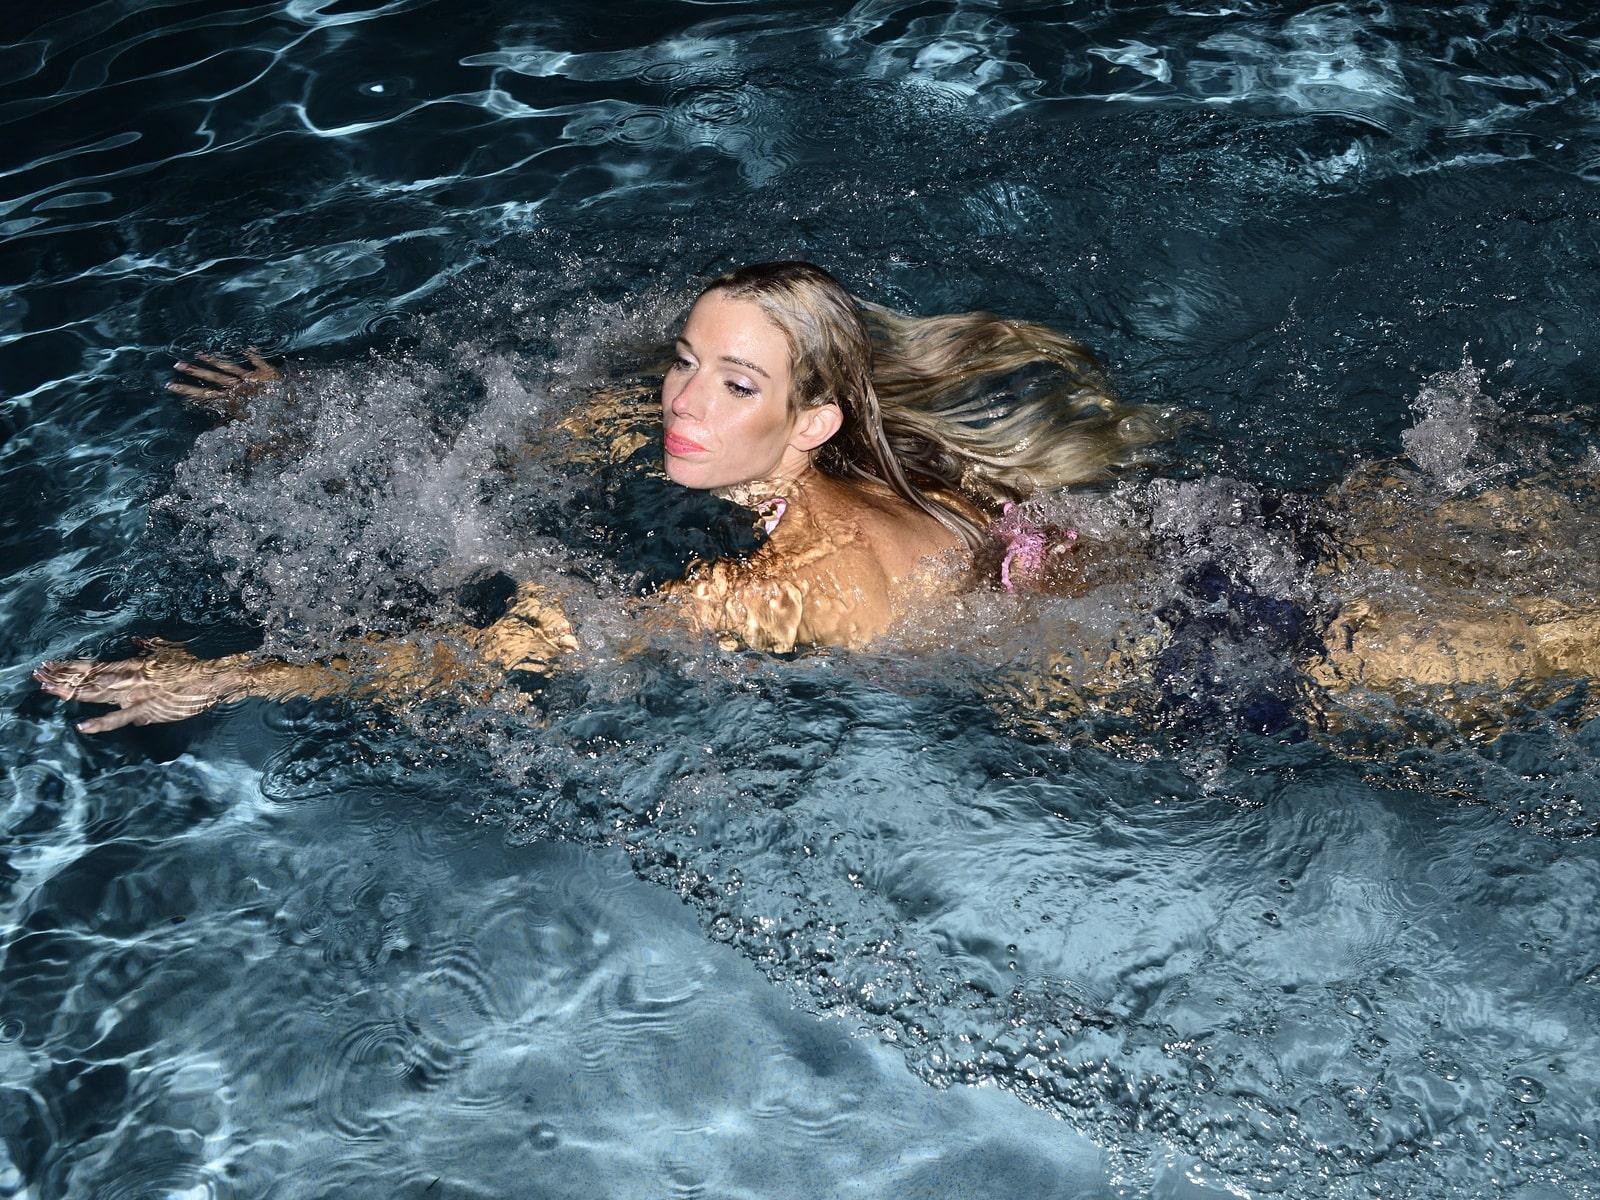 плавание и неинтенсивный спорт в период месячных снимают напряжение, ими заниматься можно